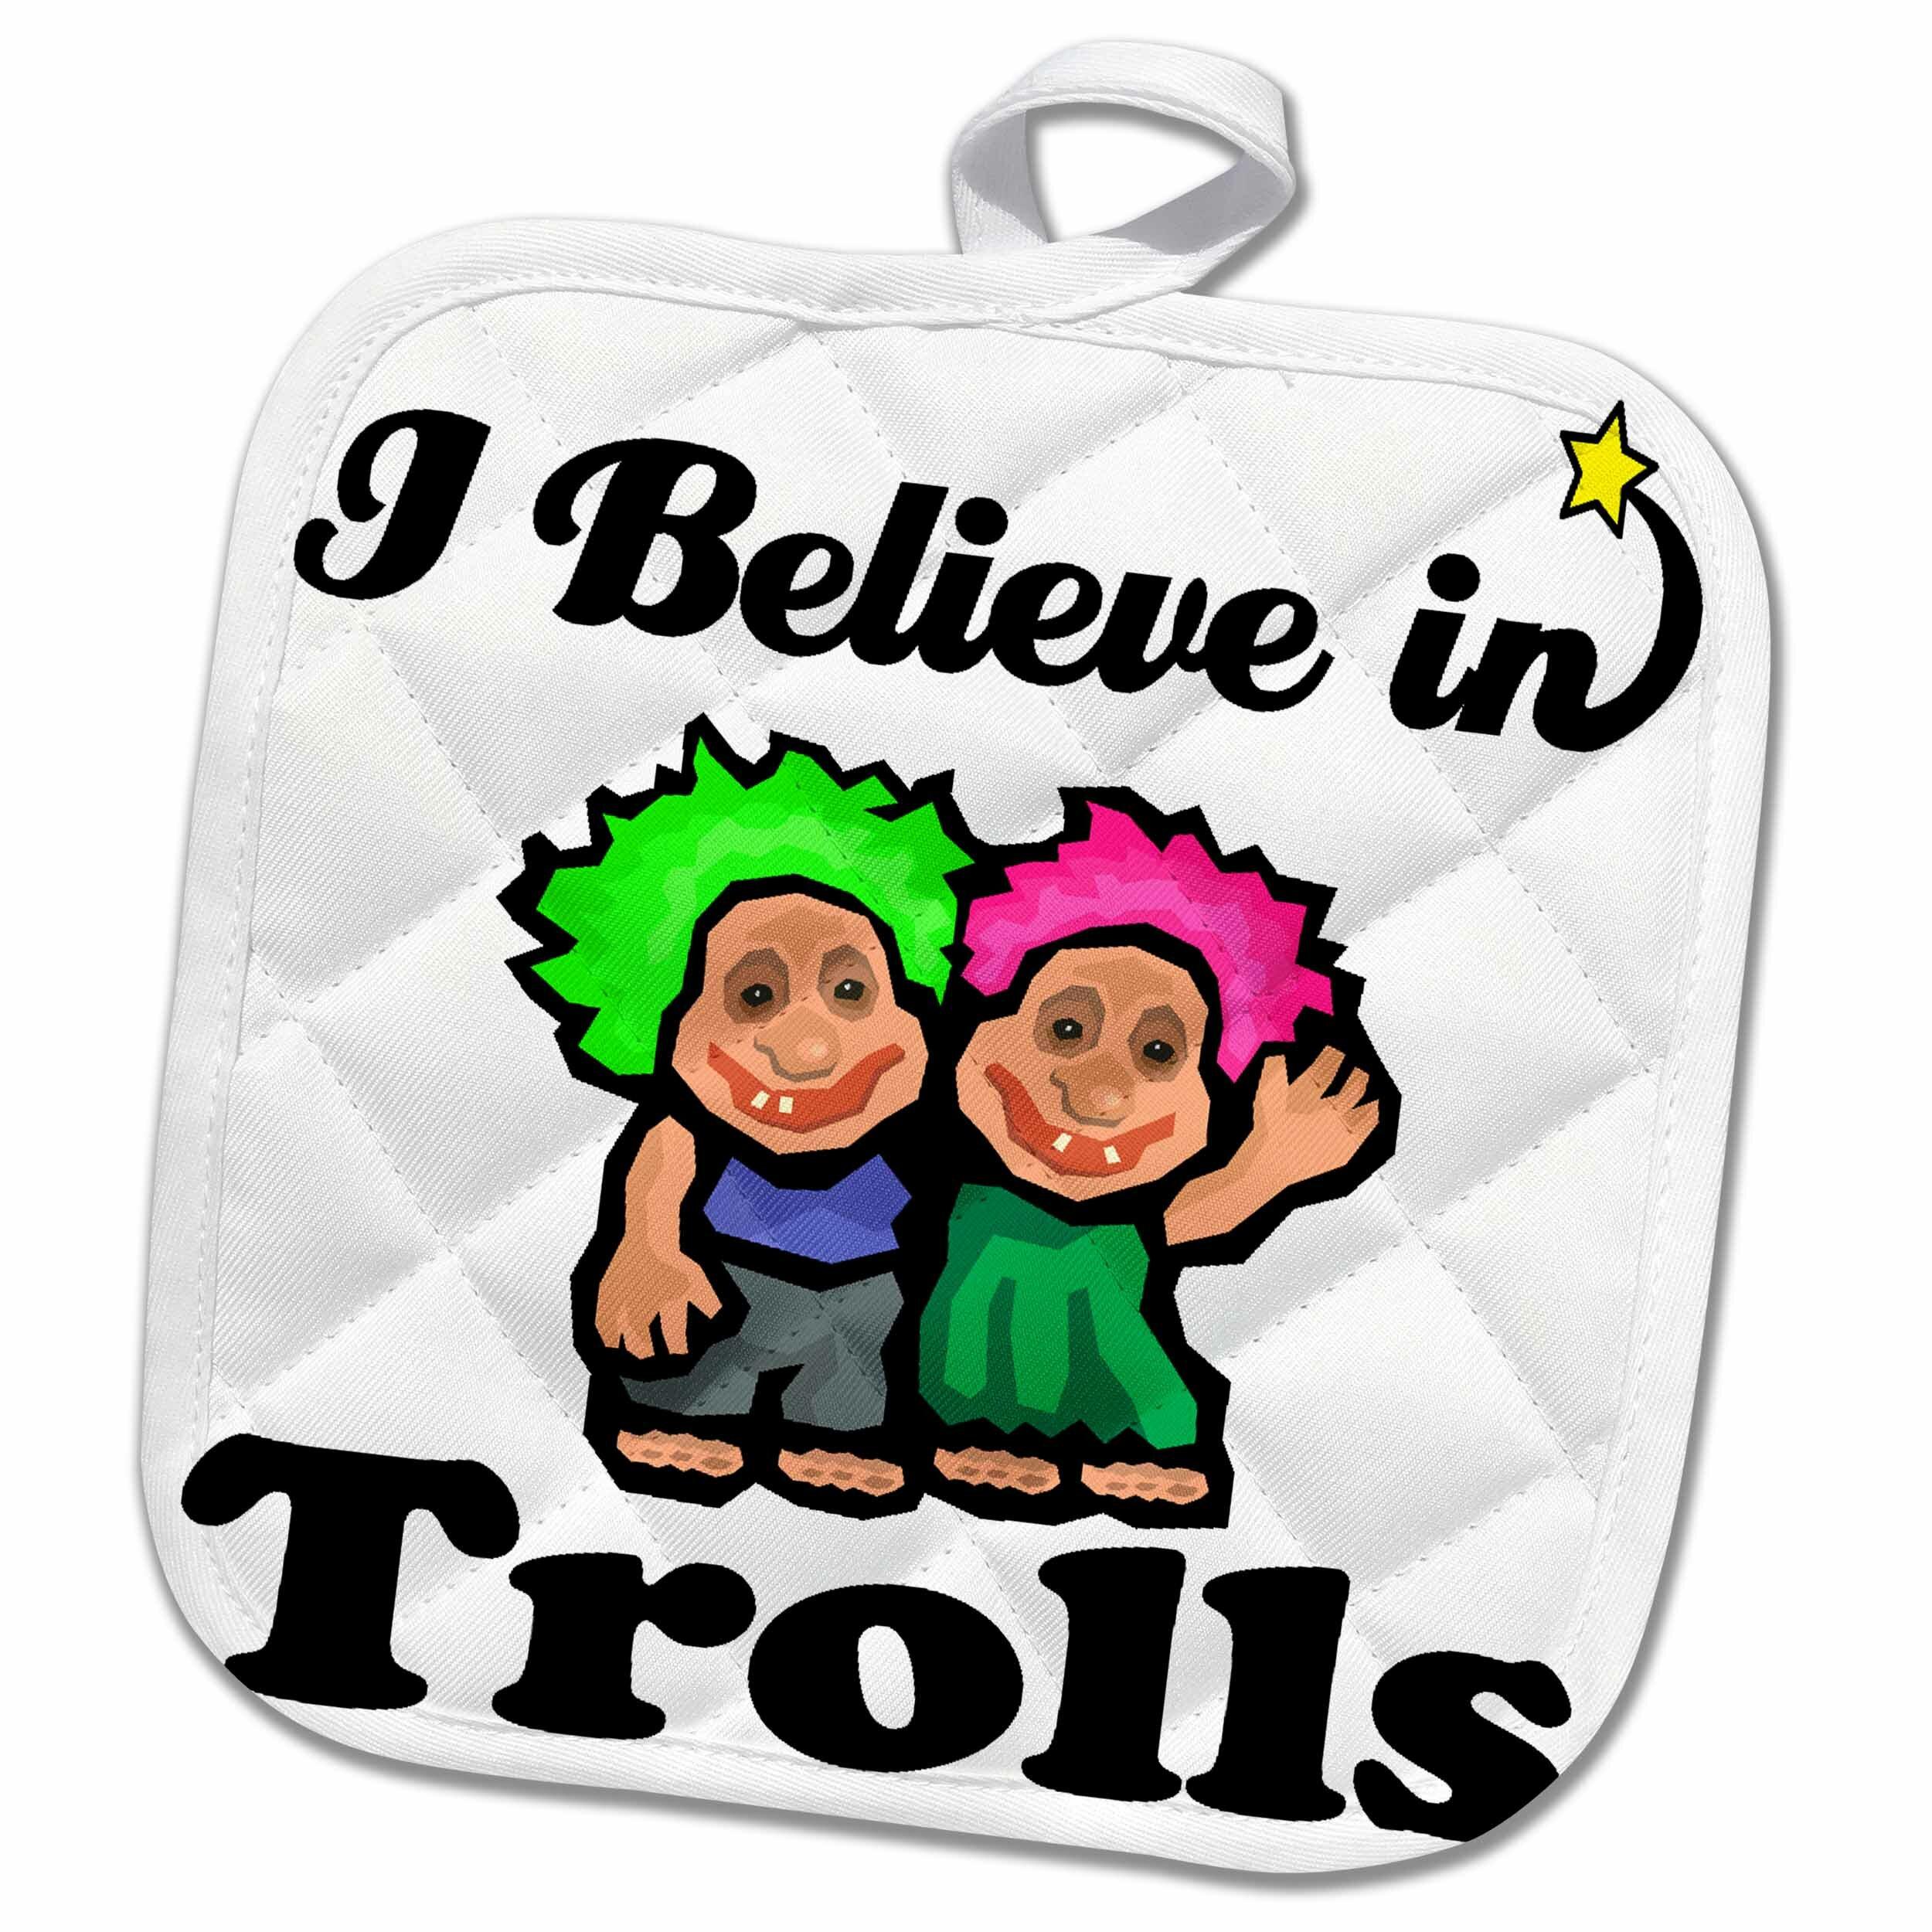 3drose I Believe In Trolls Potholder Wayfair